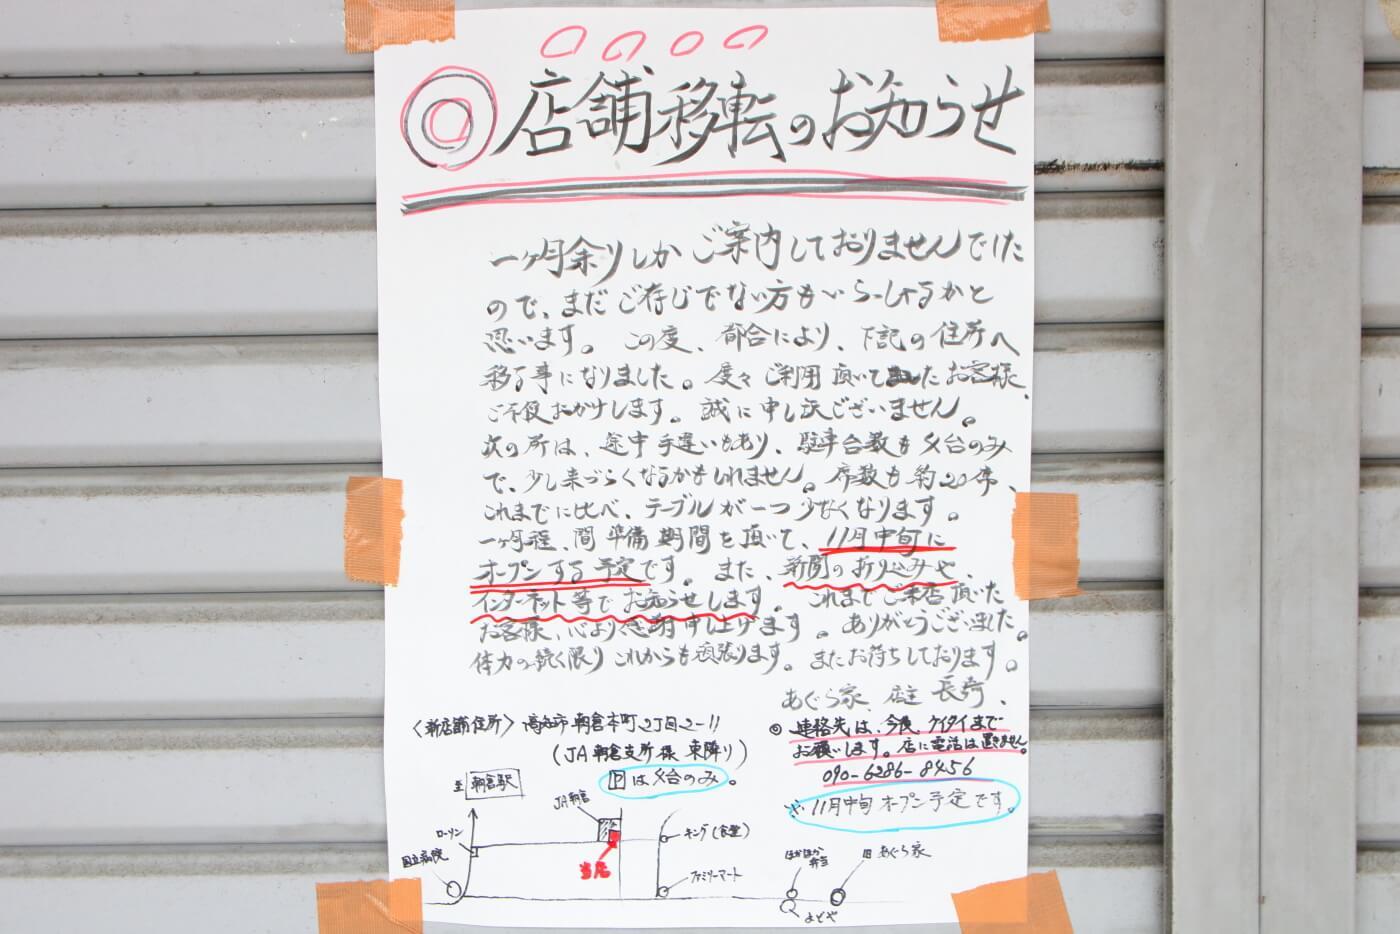 高知市朝倉のラーメン食堂あぐら家 移転前の店先に貼られた 移転のお知らせ